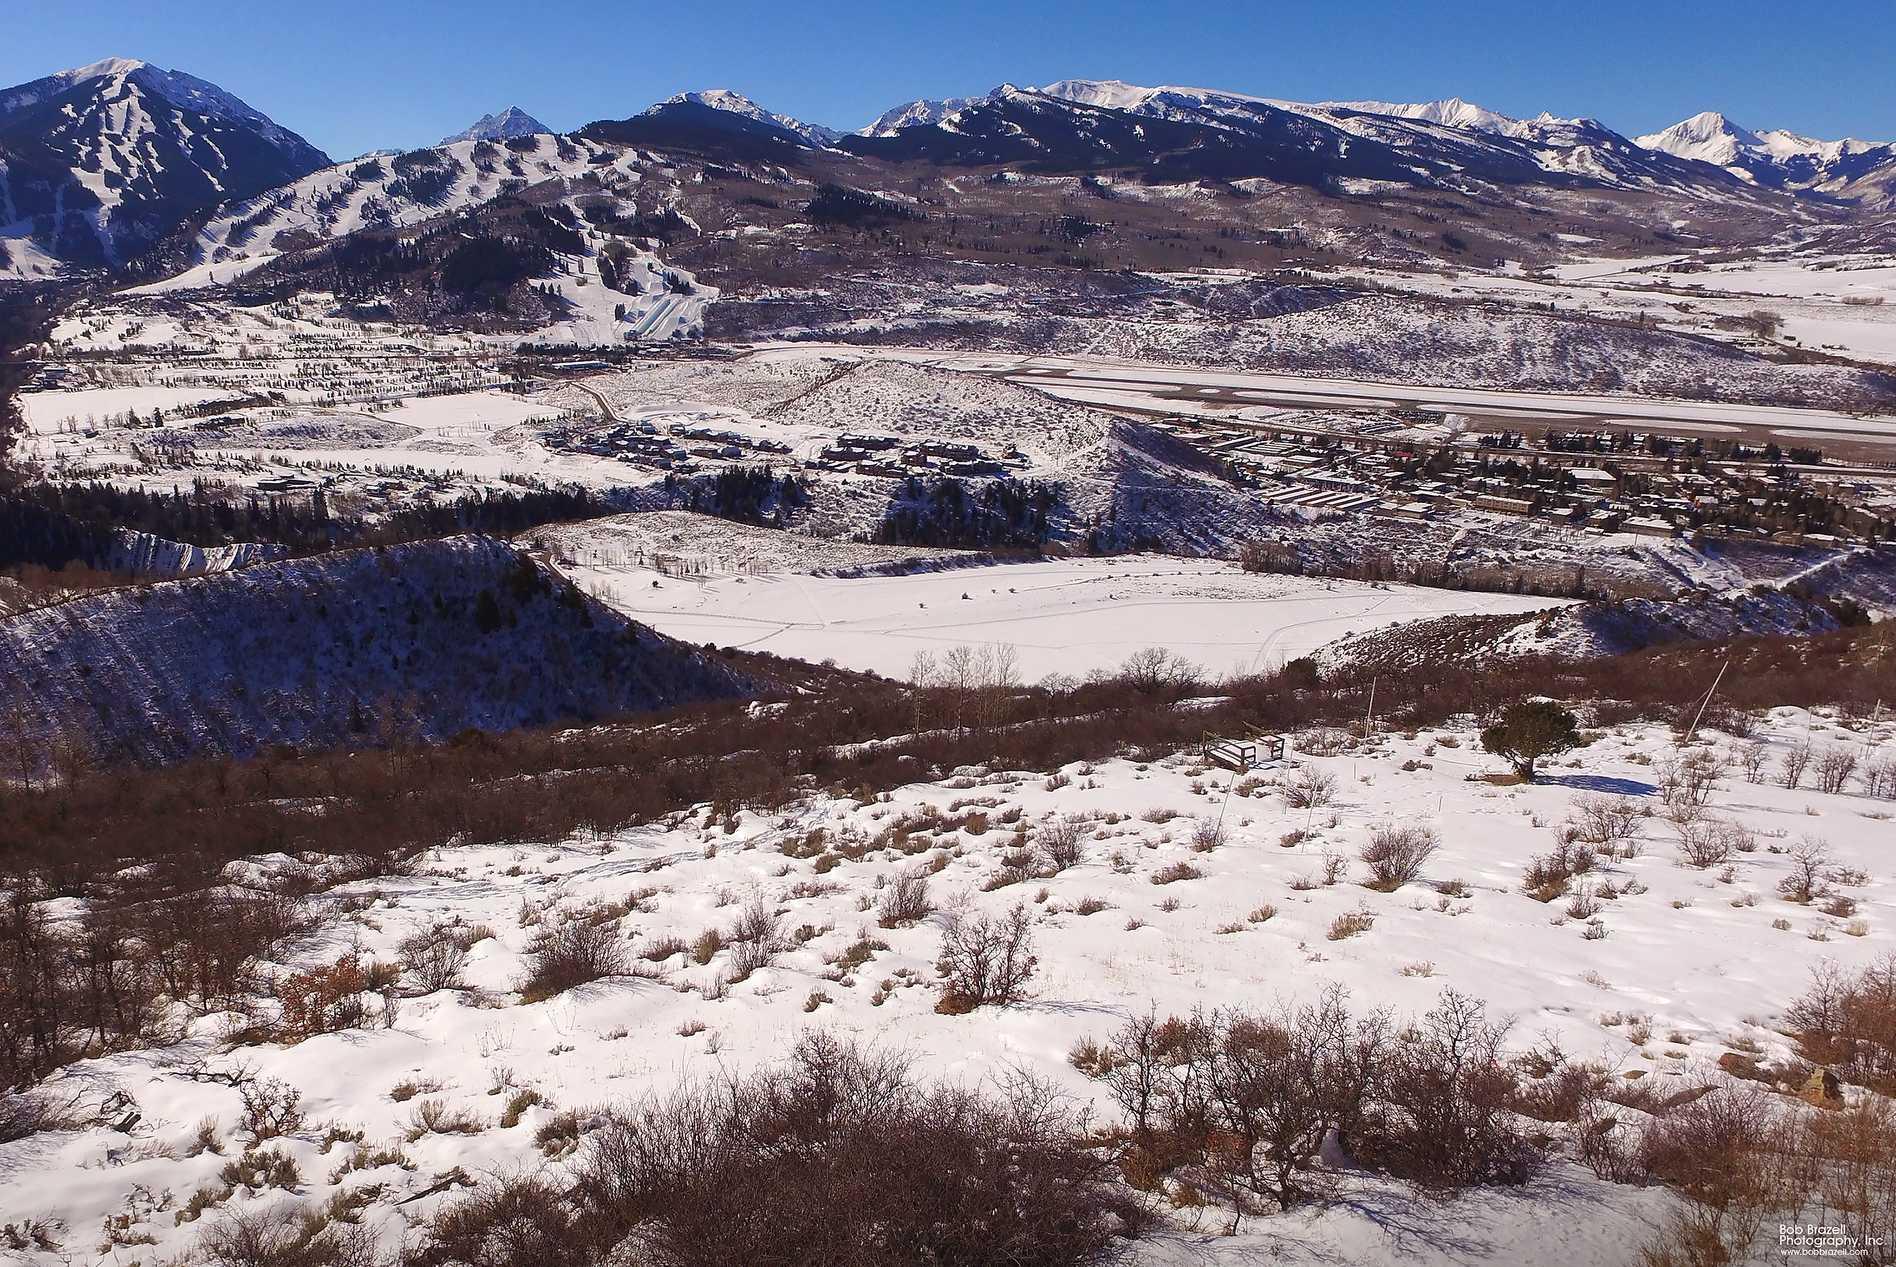 TBD Eppley Drive Aspen Photo 15